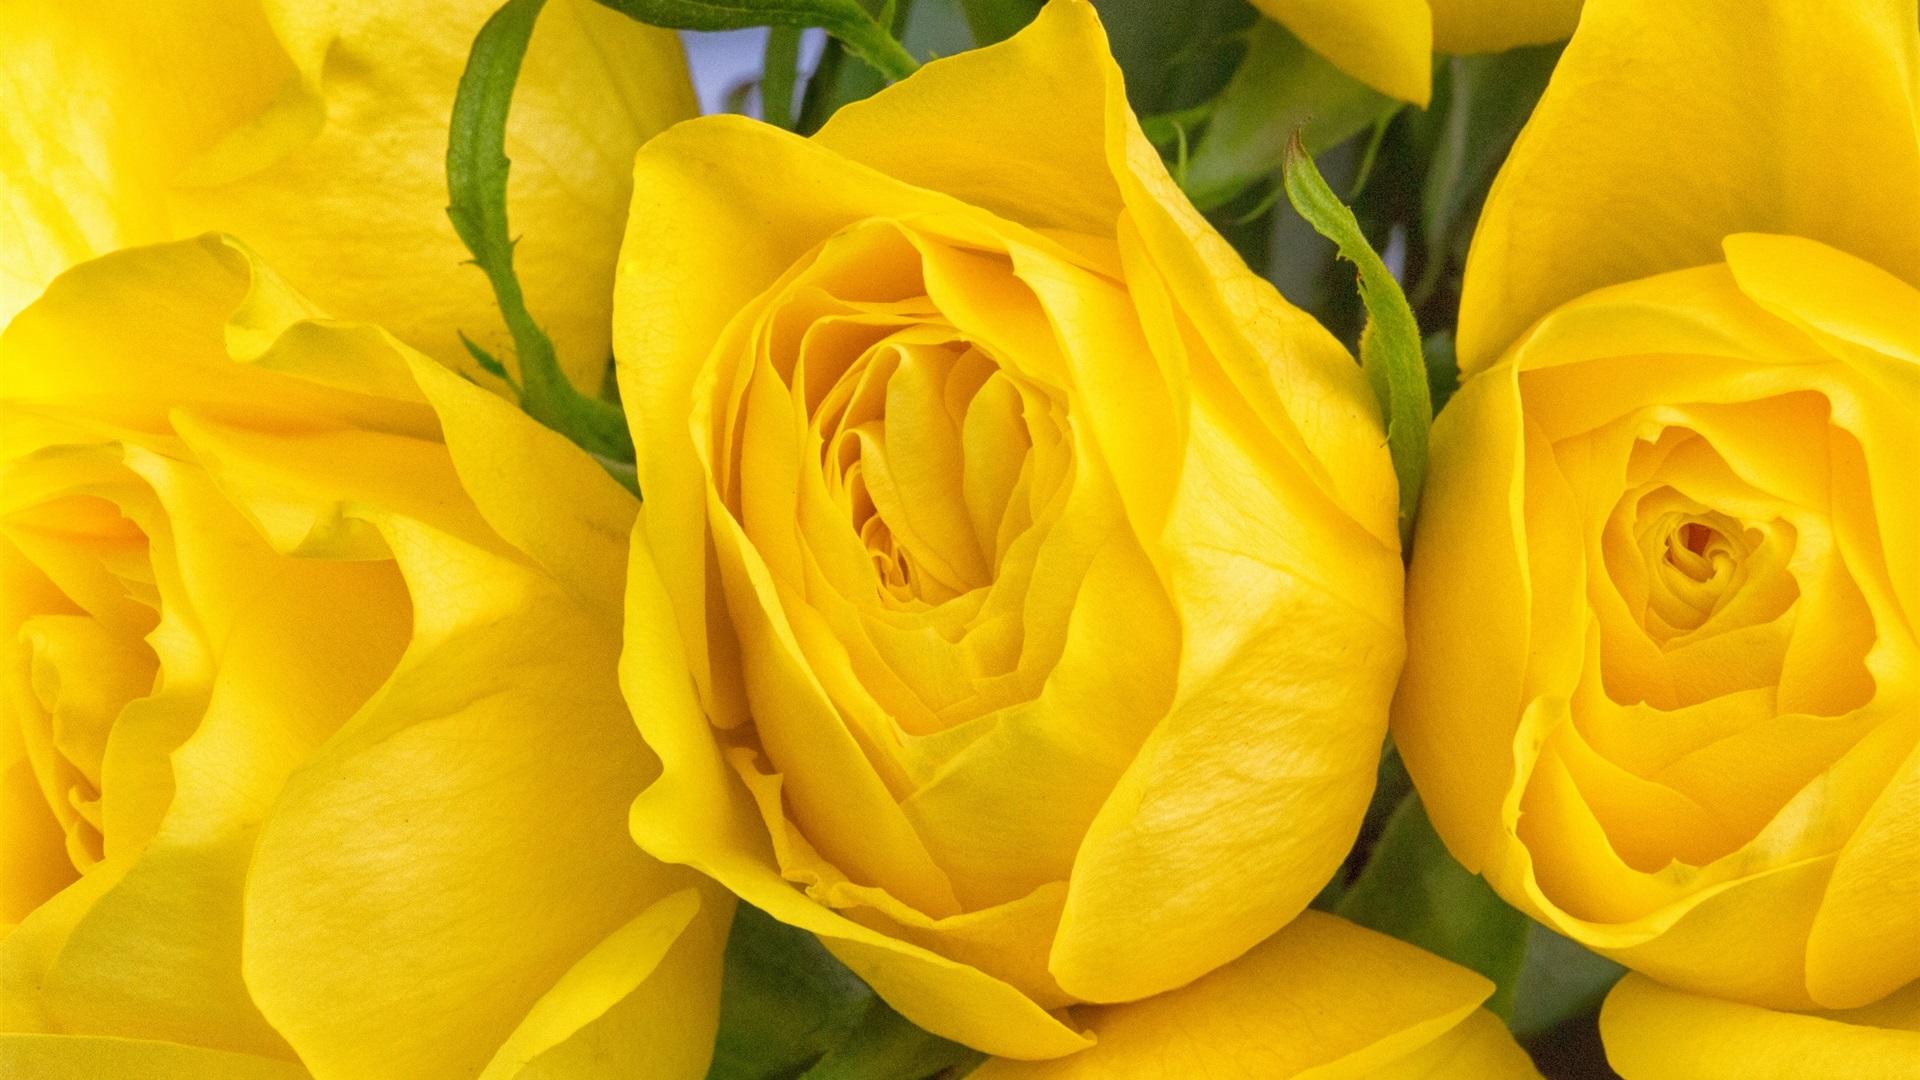 желтые розы фотографии мастера отражают